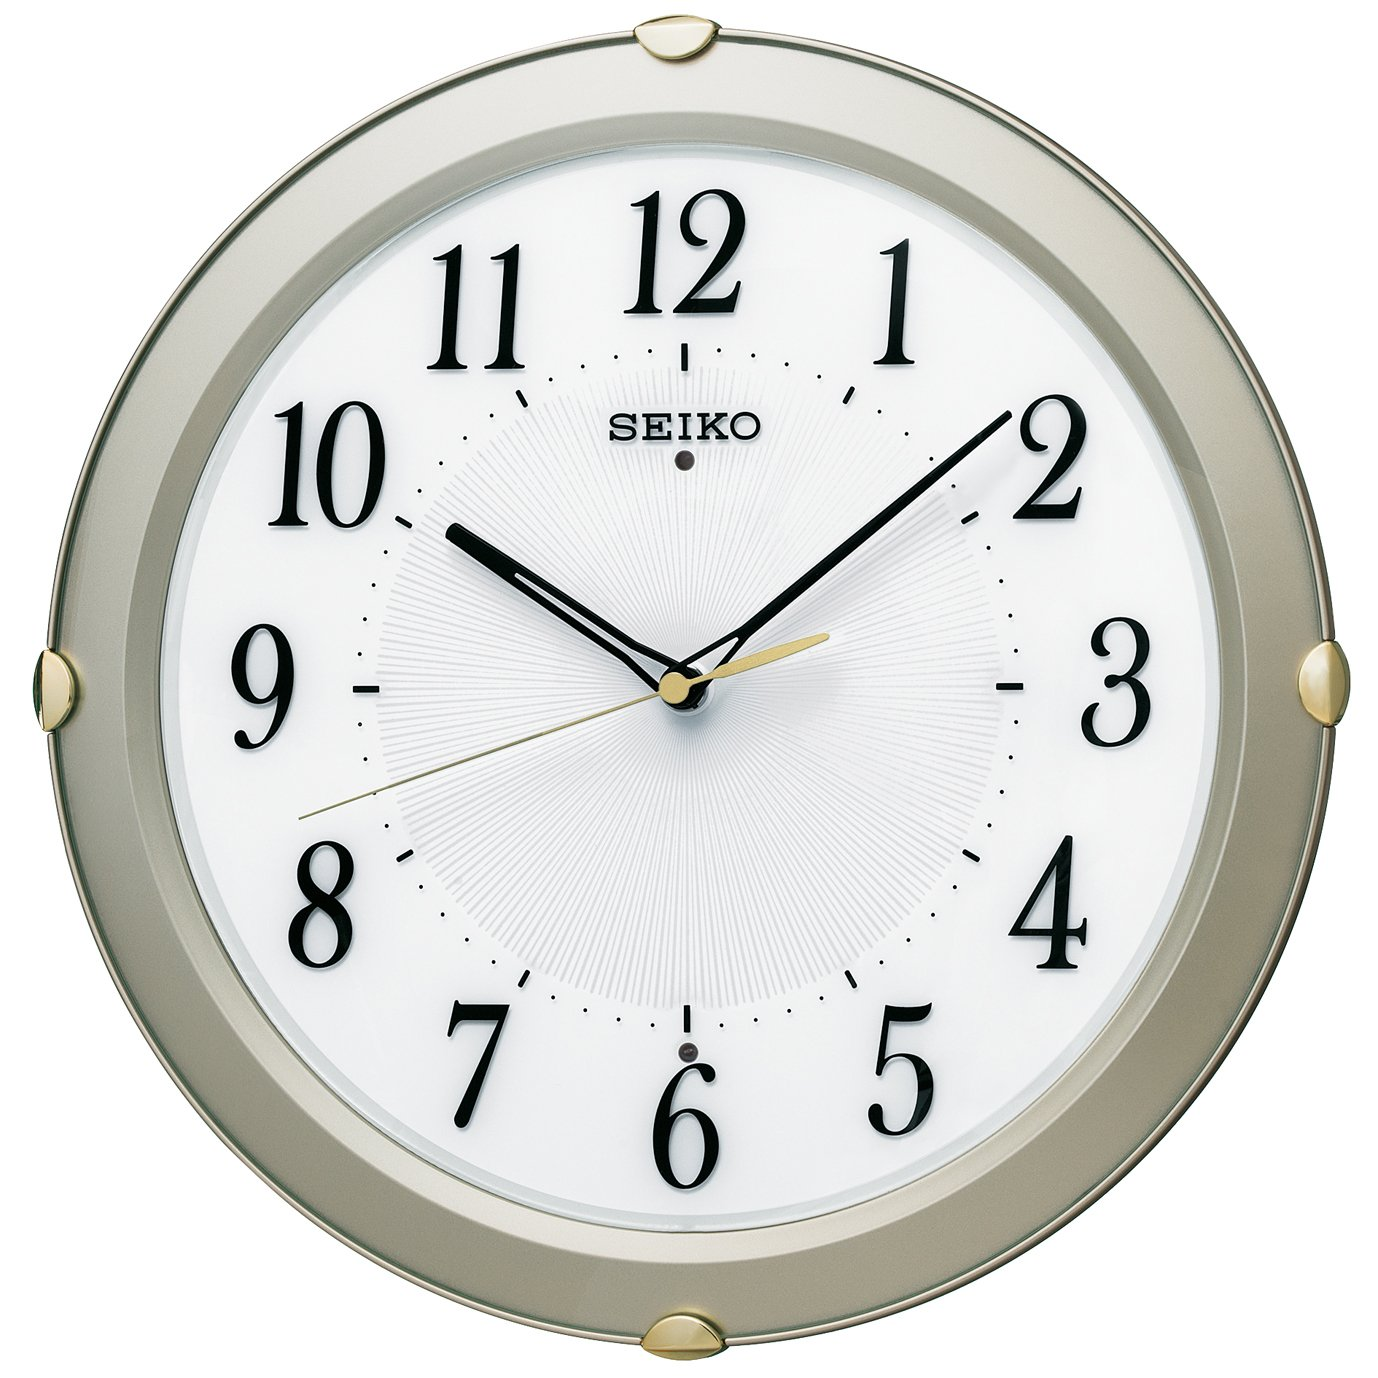 セイコー クロック 掛け時計 電波 アナログ 薄金色 パール KX211S SEIKO B014KIXLGC薄金色 パール